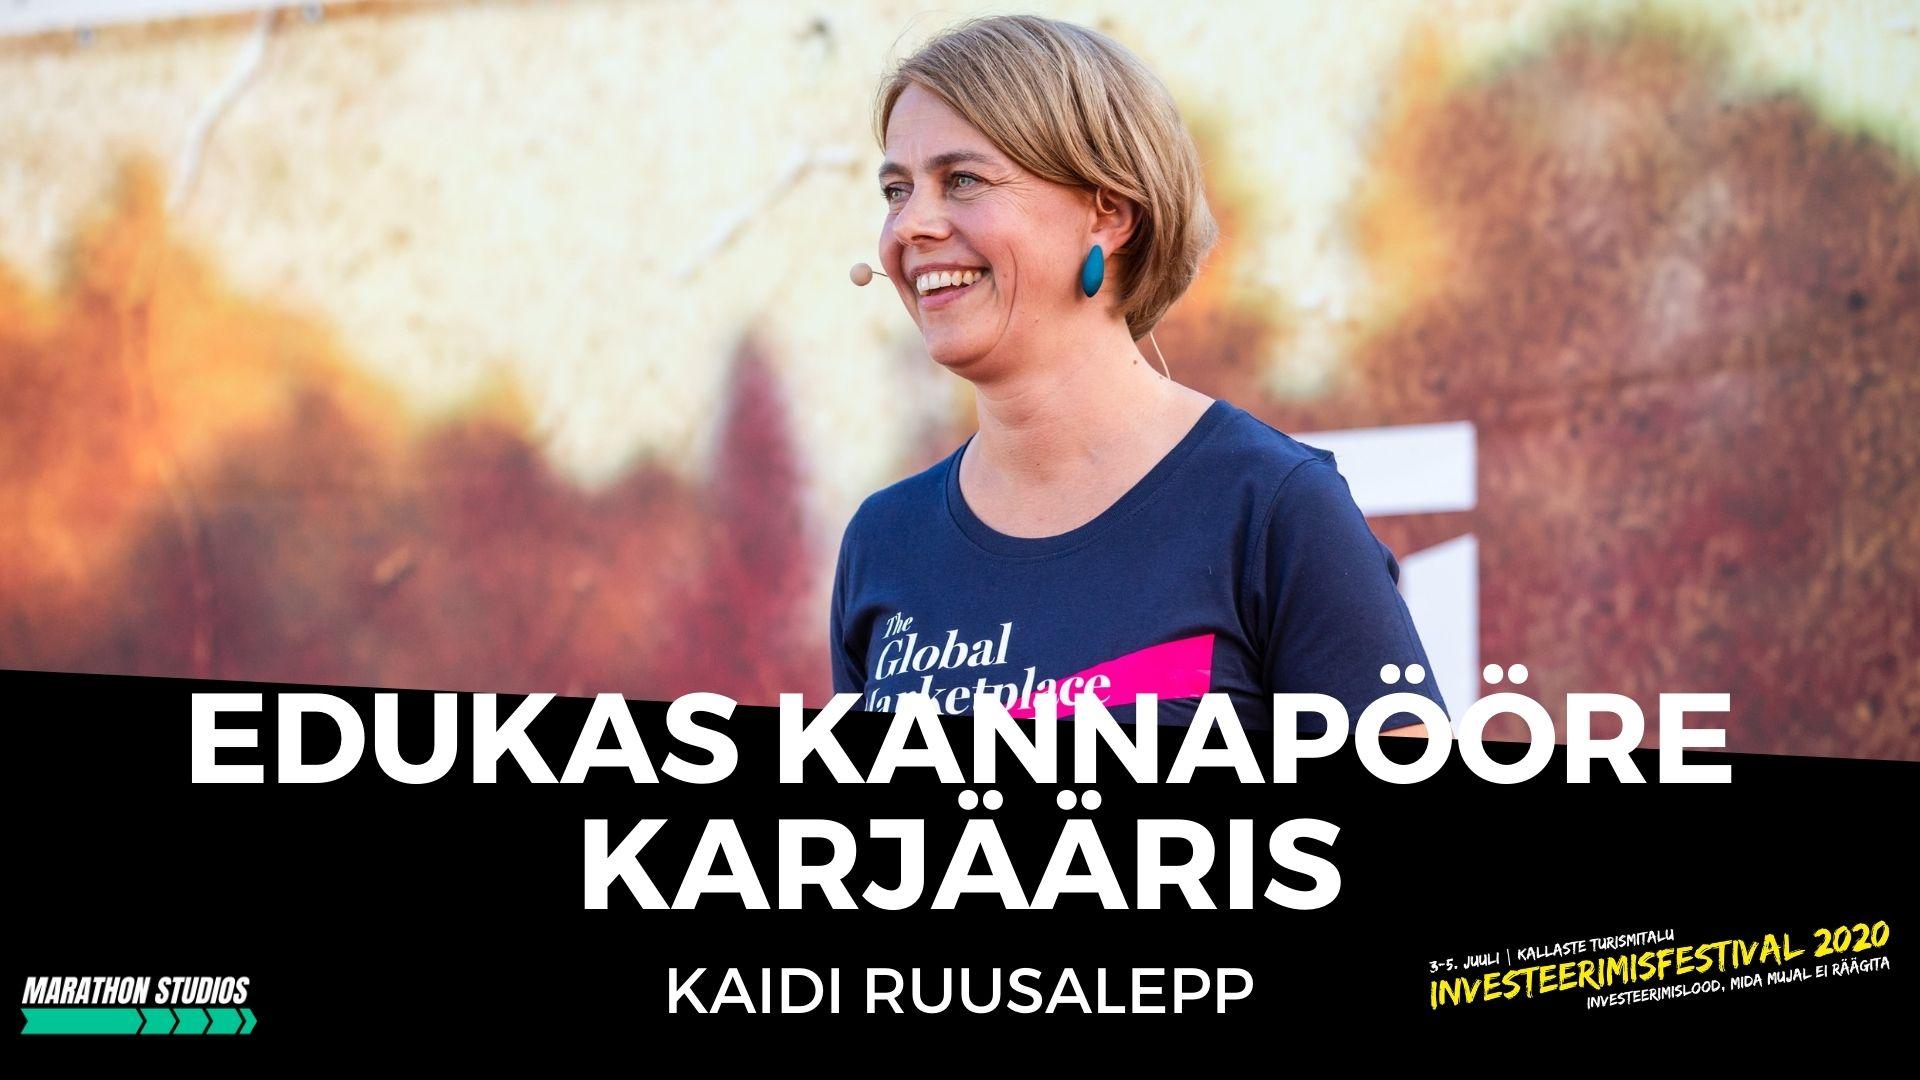 Edukas kannapööre karjääris - Kaidi Ruusalepp